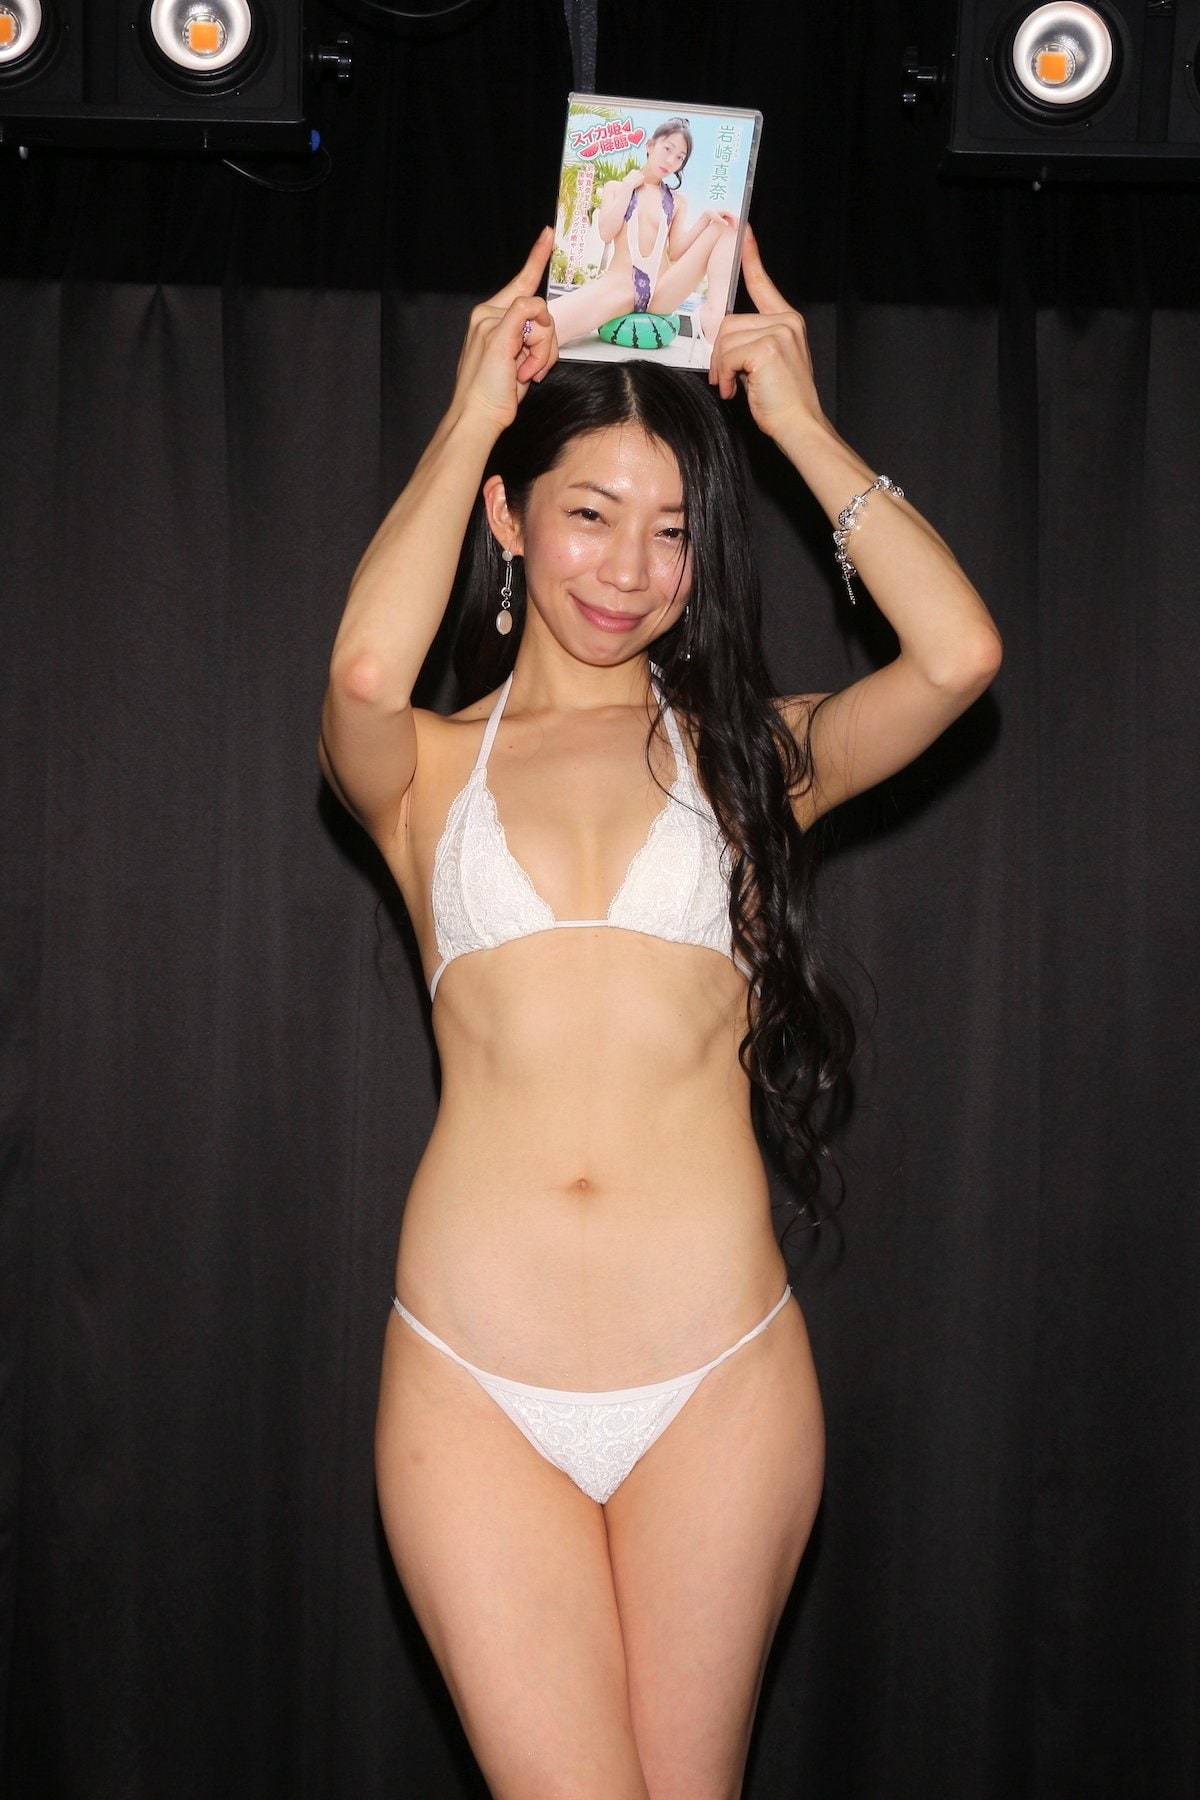 岩崎真奈「ベンチの縁にこすったり」私史上最高にセクシー【画像50枚】の画像041